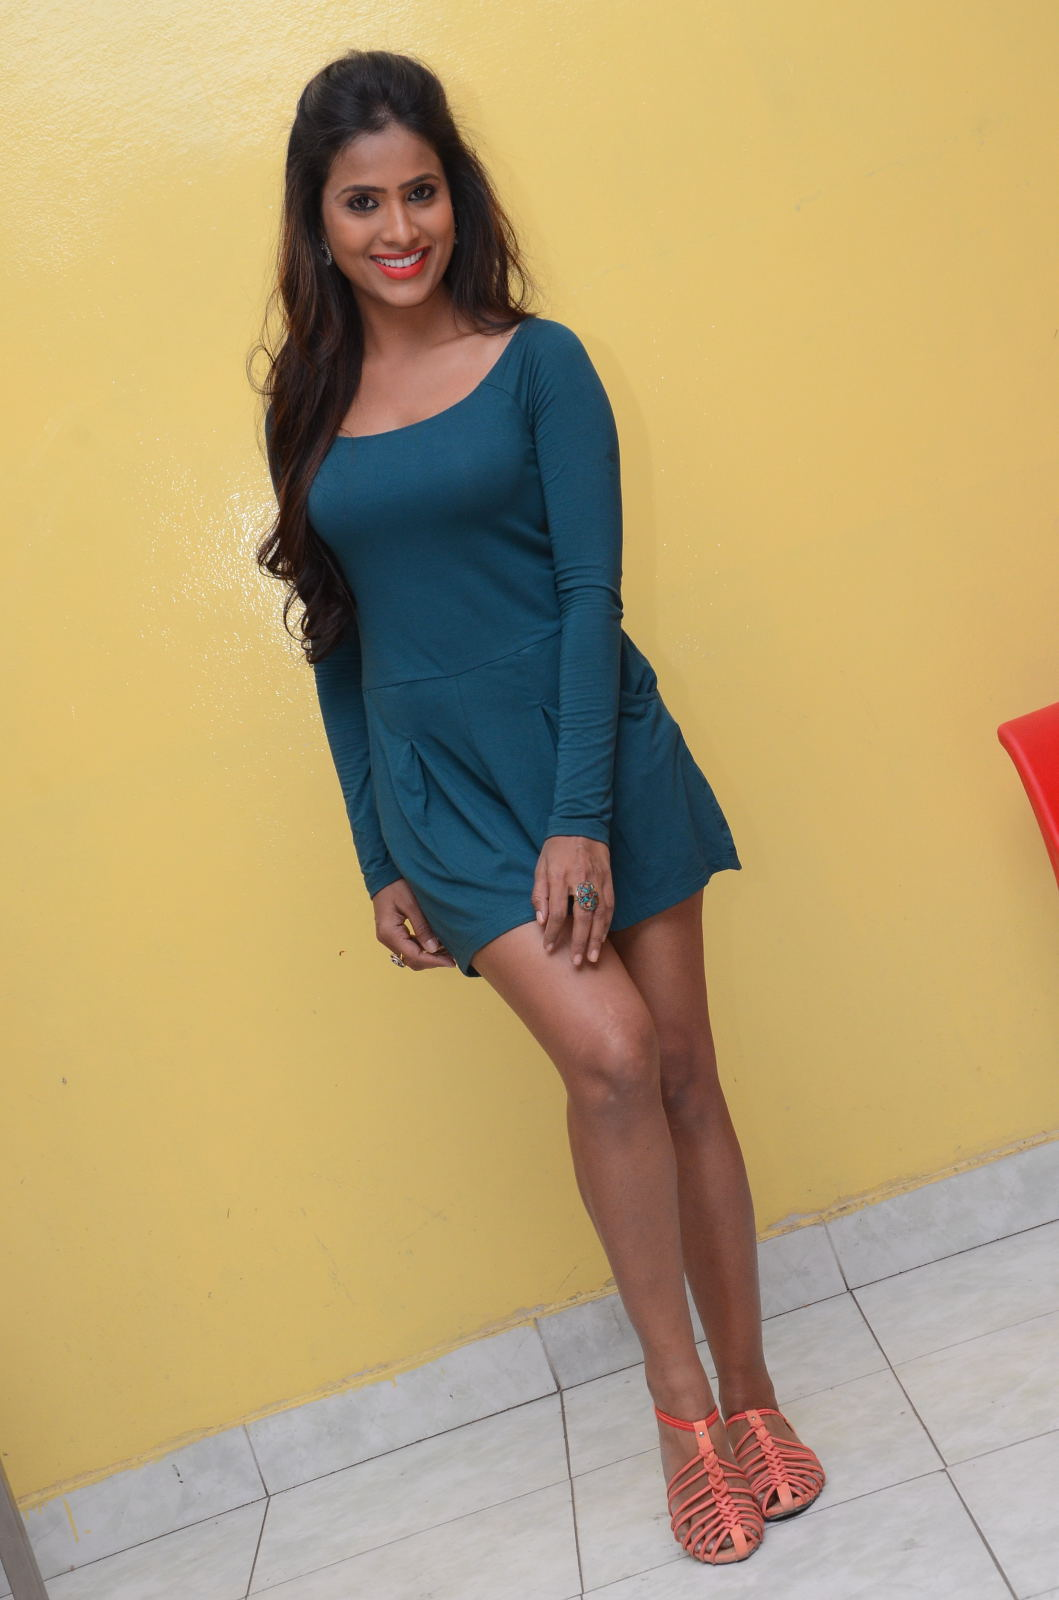 prashanthi Super Hot Prashanthi In Sexy Outfit | Indian Cinema | Models | Actresses Prashanthi Hot Photo Stills 122